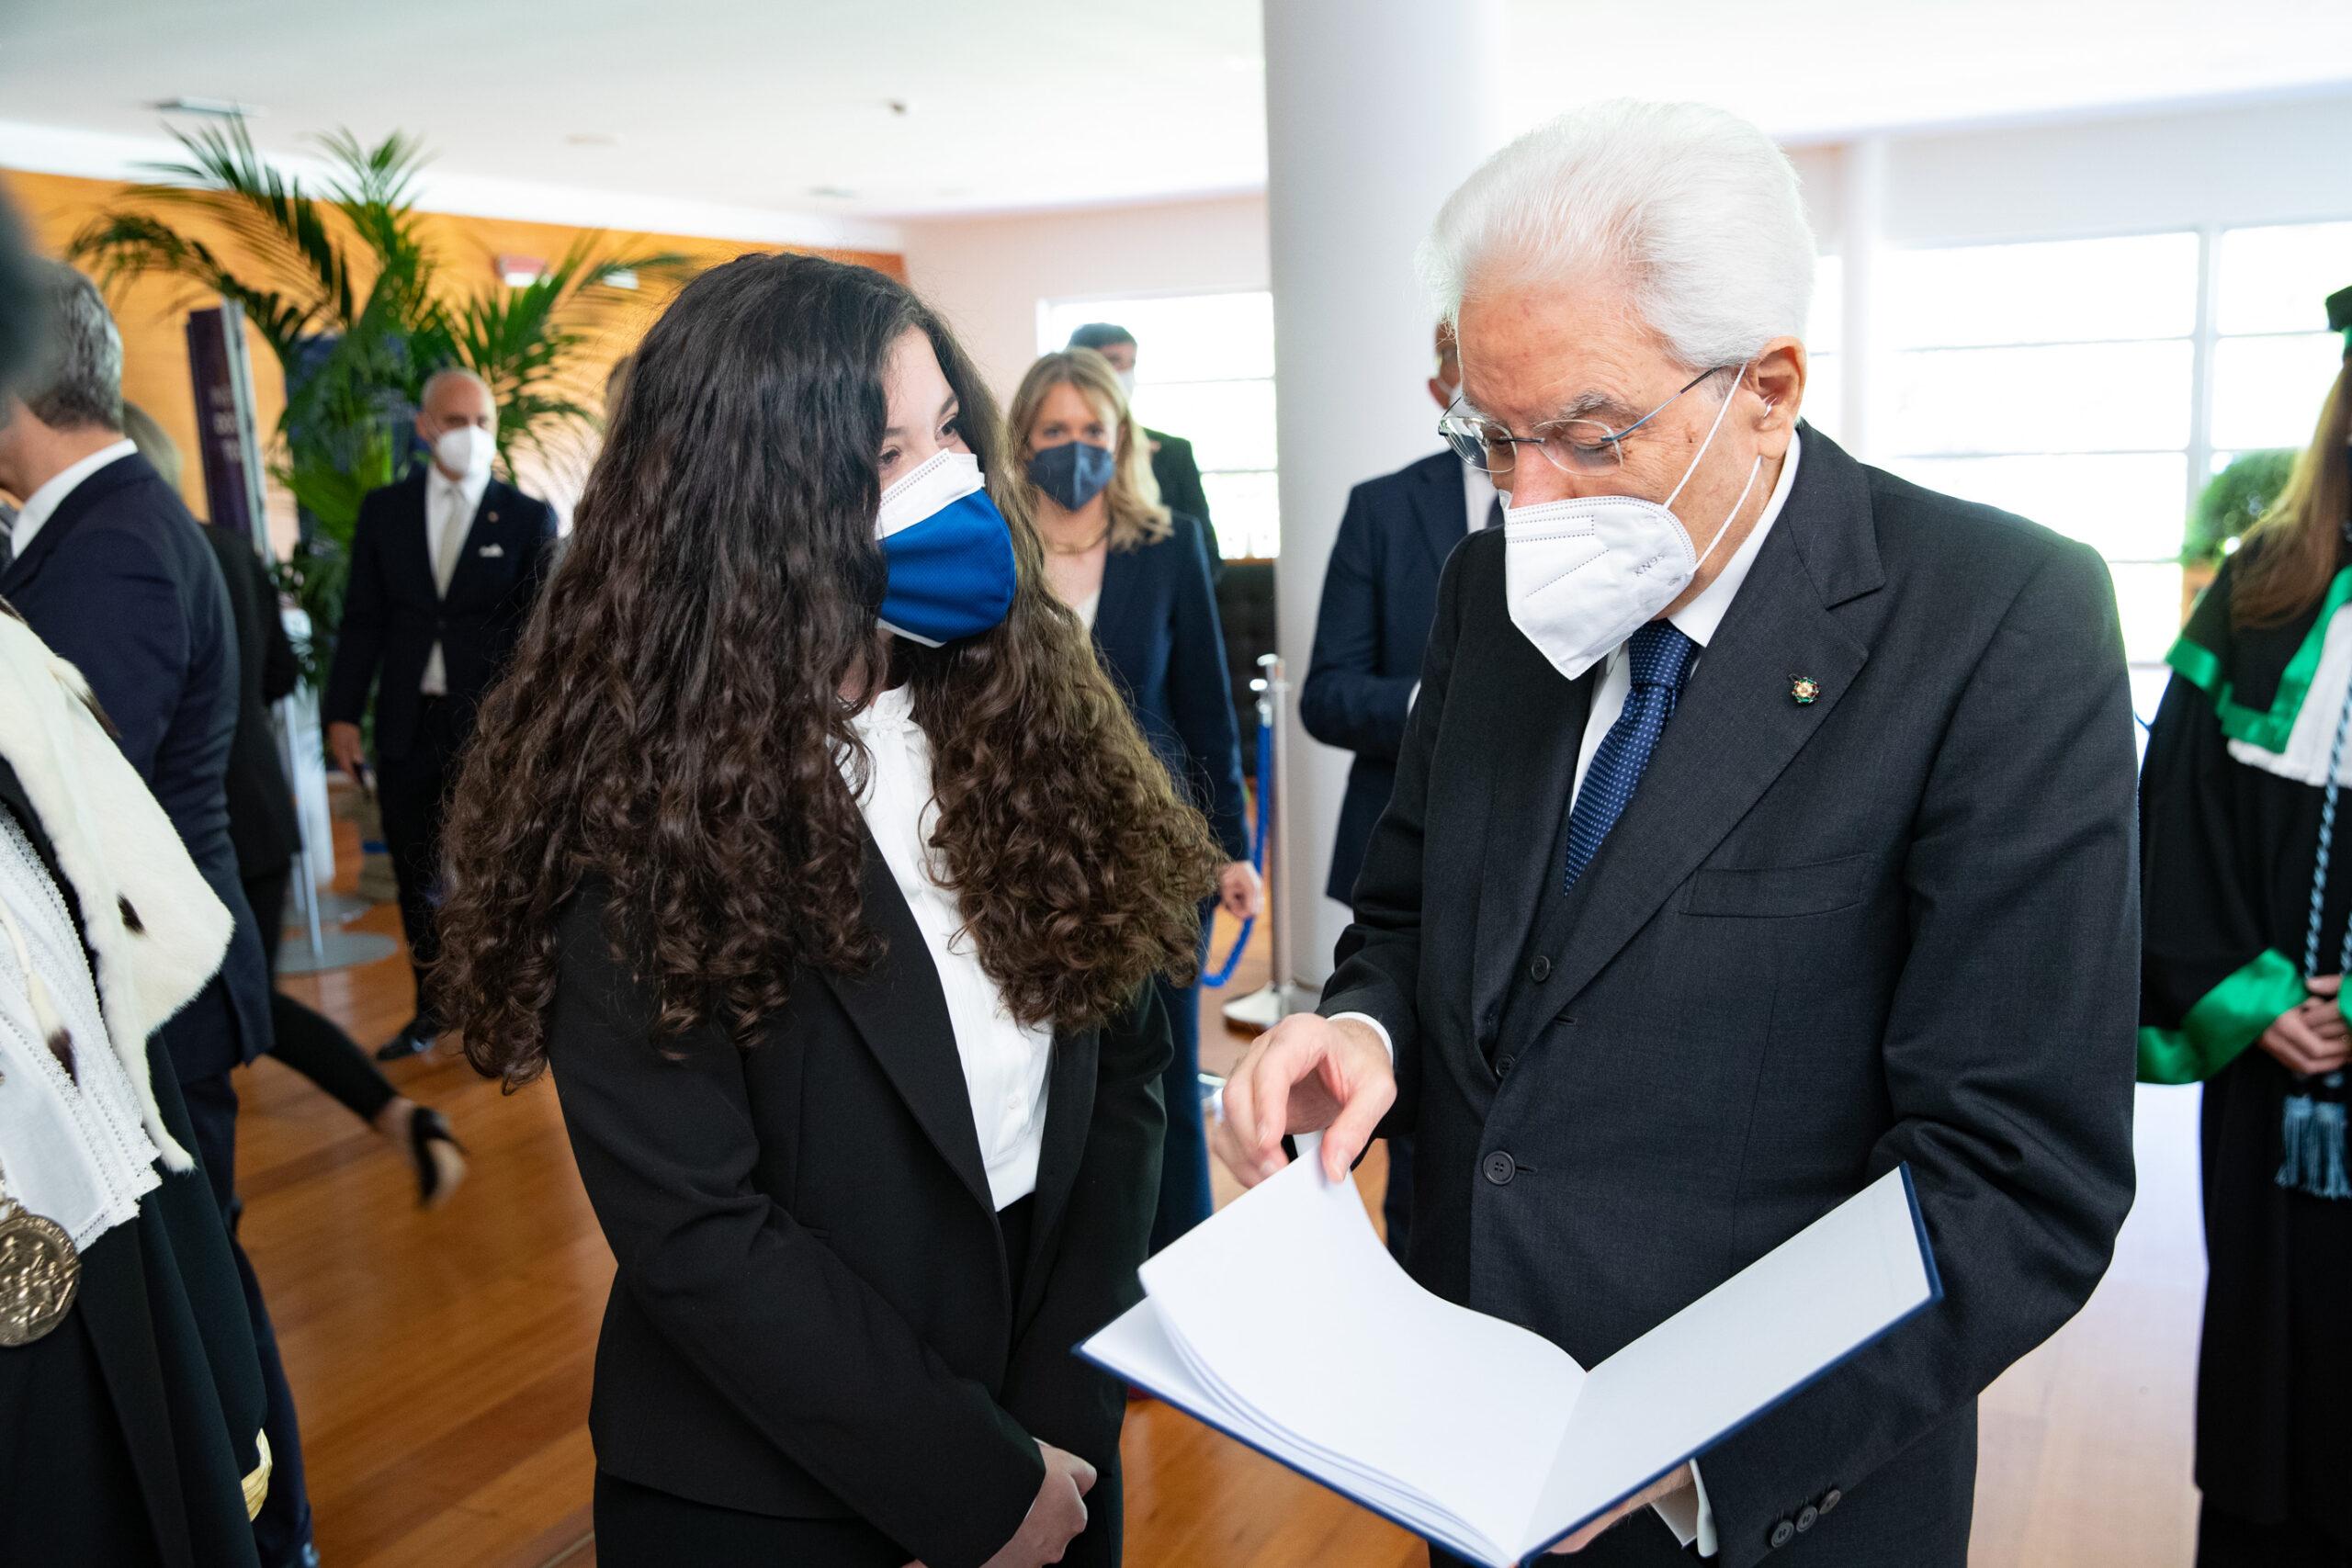 Il dono al Presidente della Repubblica e il discorso della componente studentesca